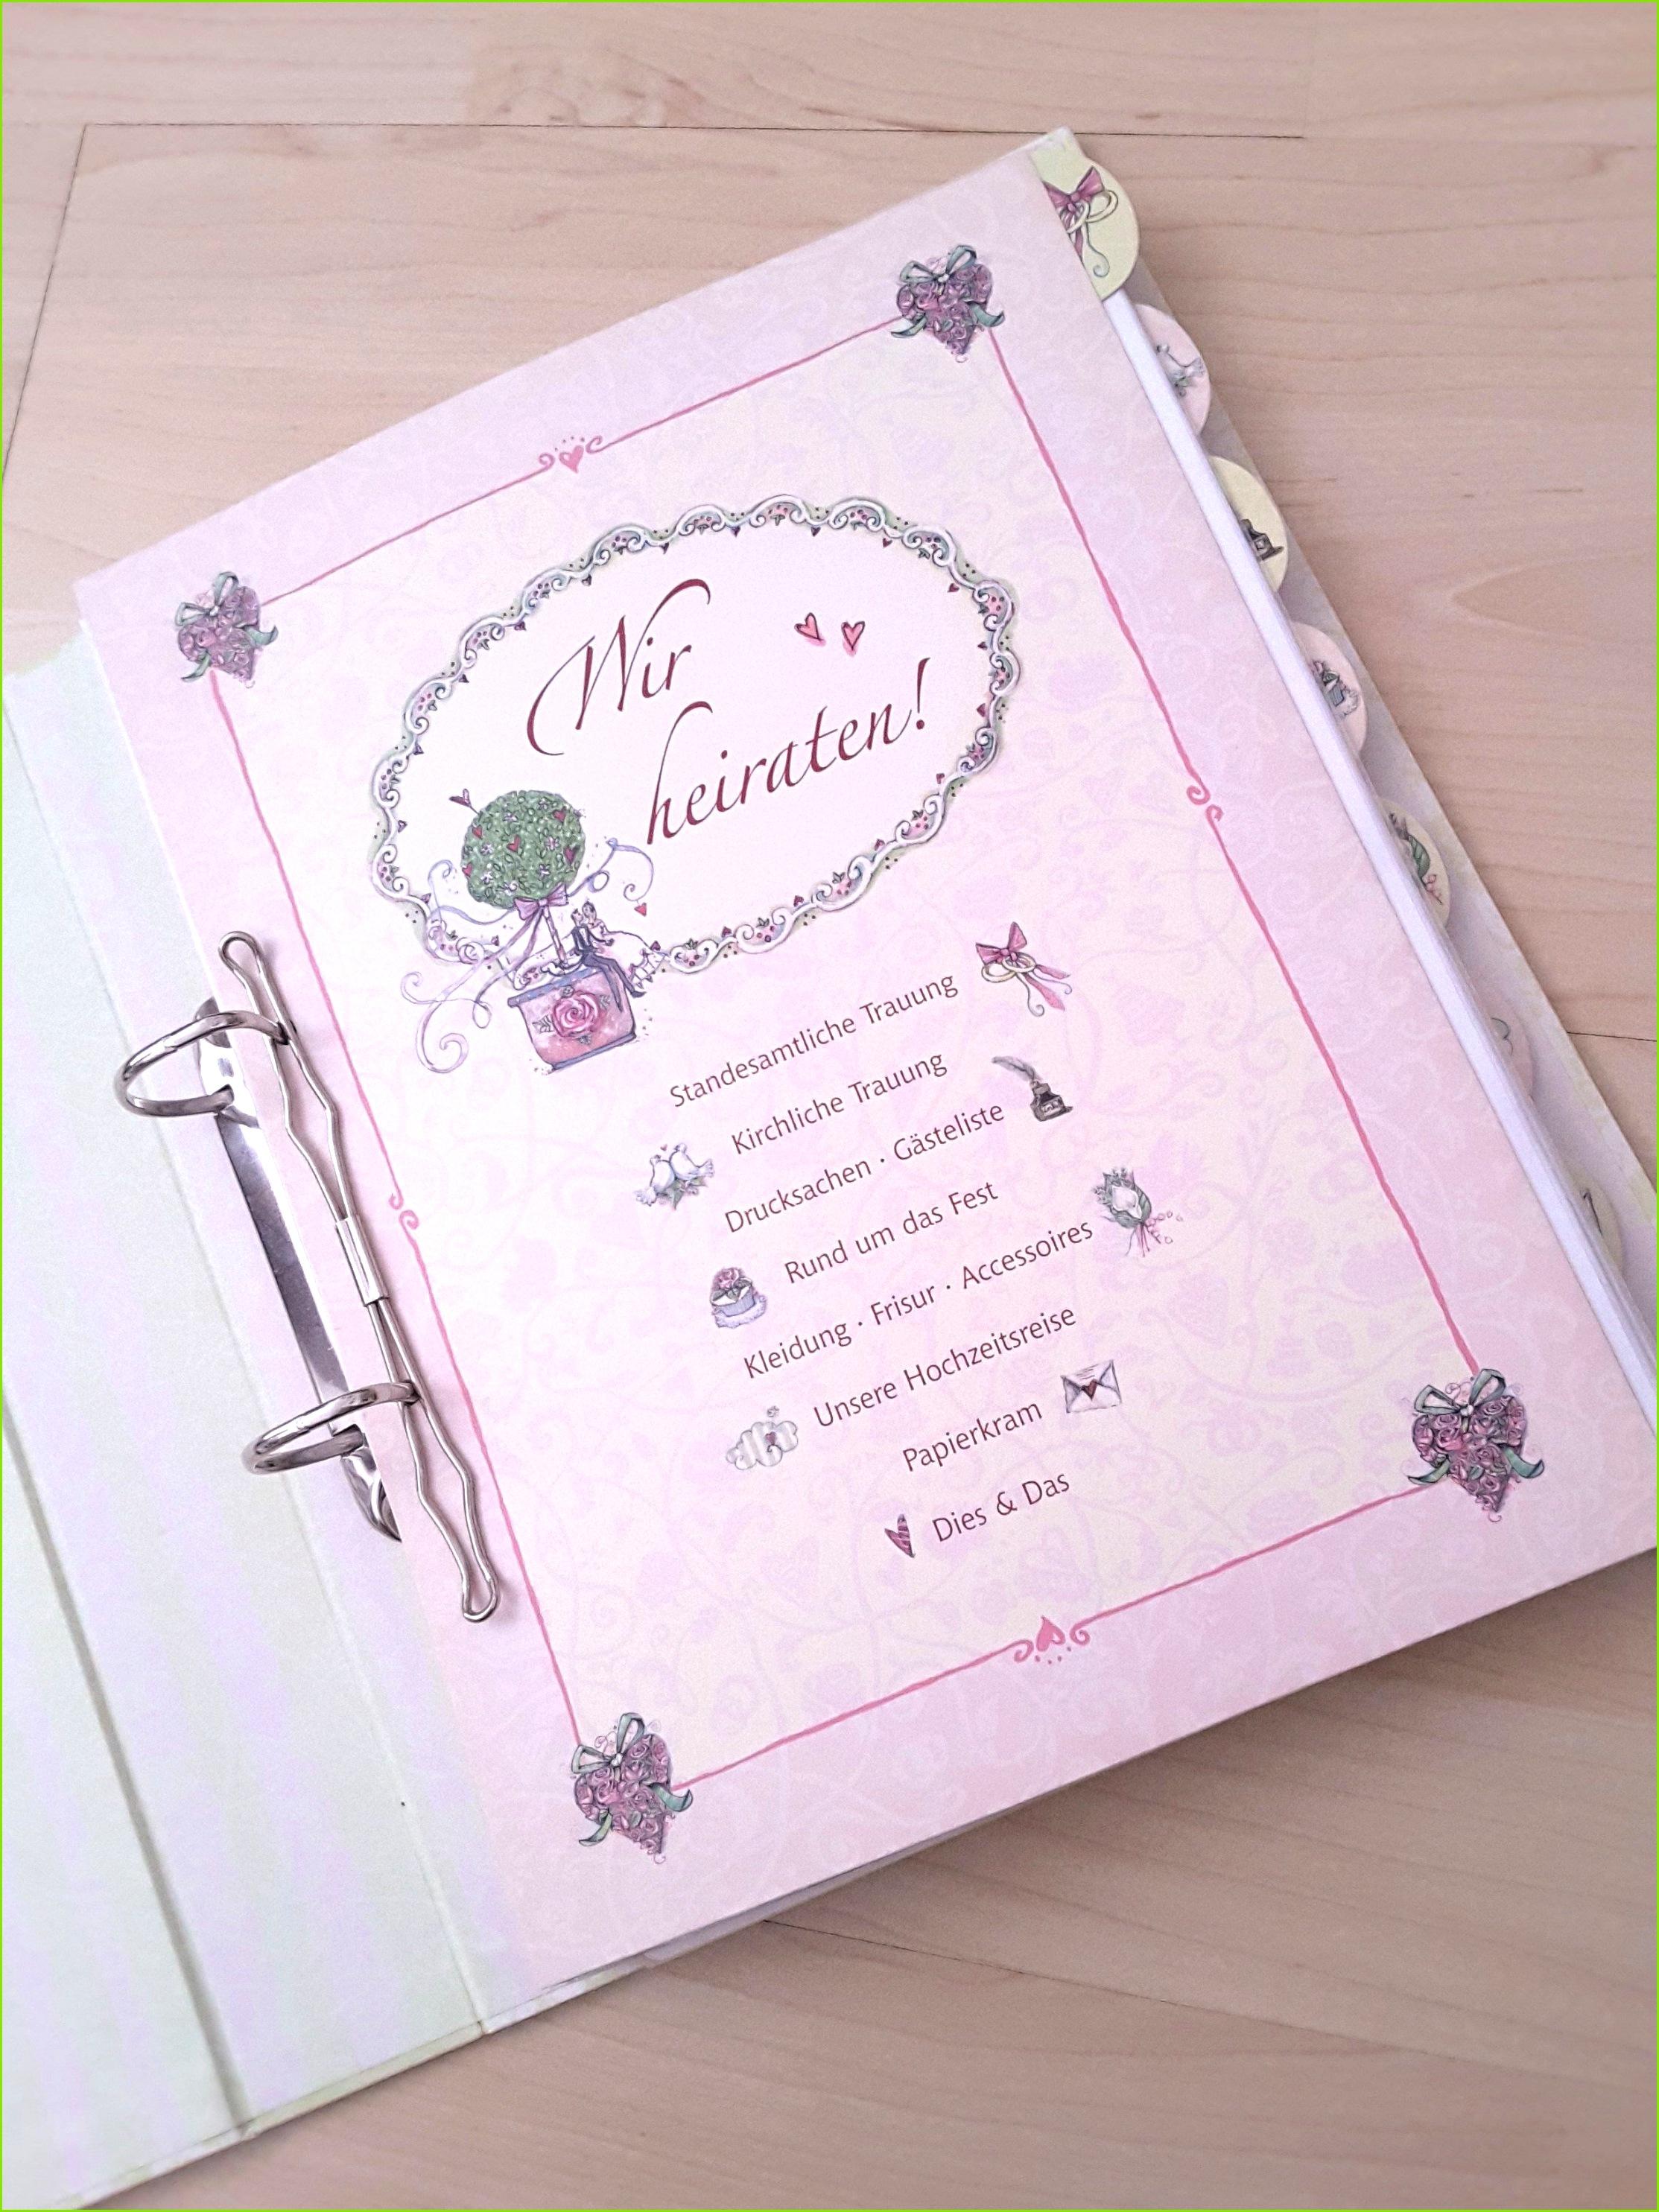 Einladung Taufe Vorlage Text Hochzeit Und Taufe Einladungskarten Beste Probe Media Image 0d 59